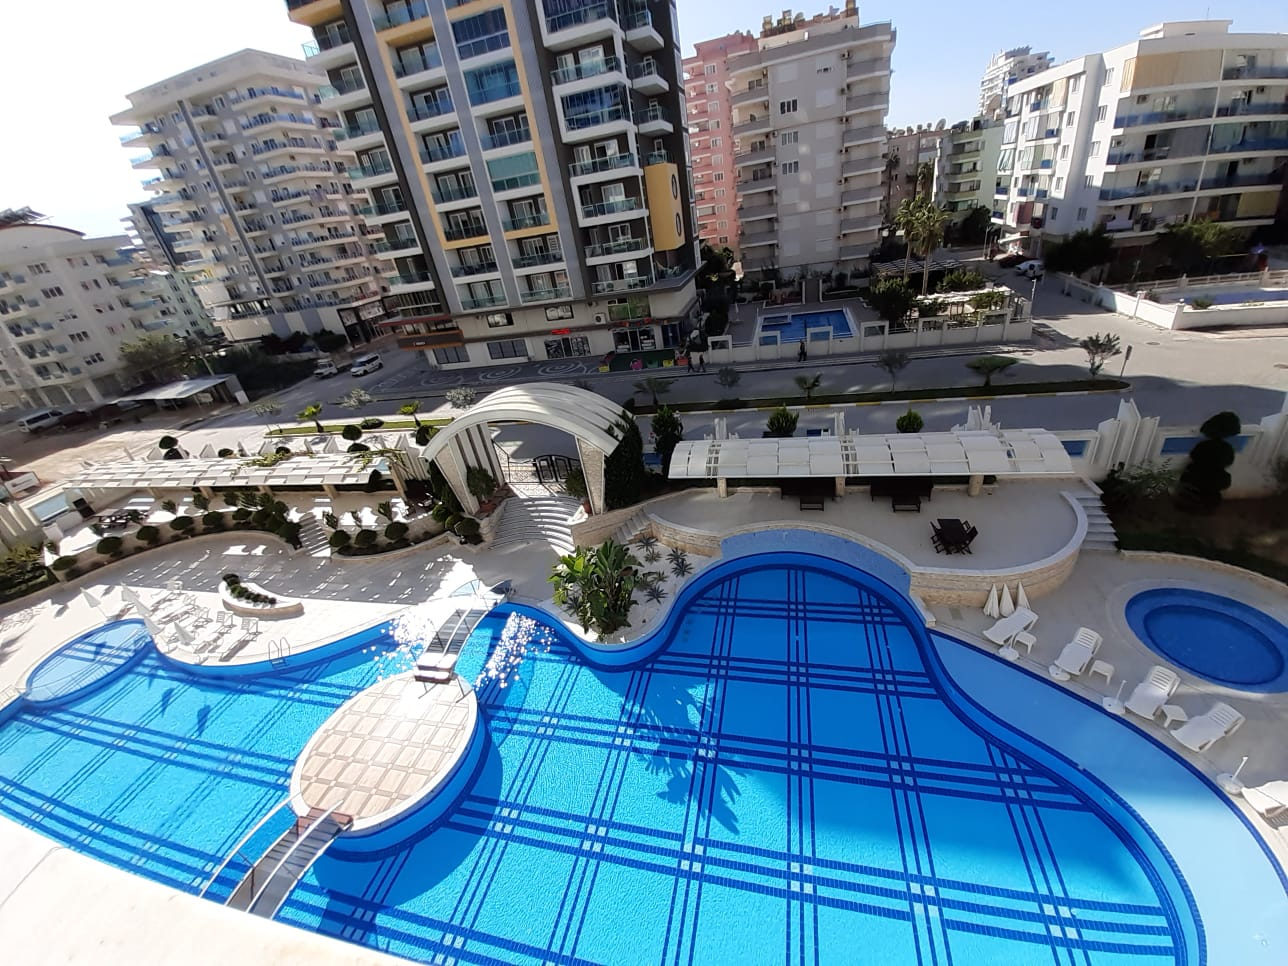 Апартаменты 2+1 с отельной инфраструктурой - Фото 6